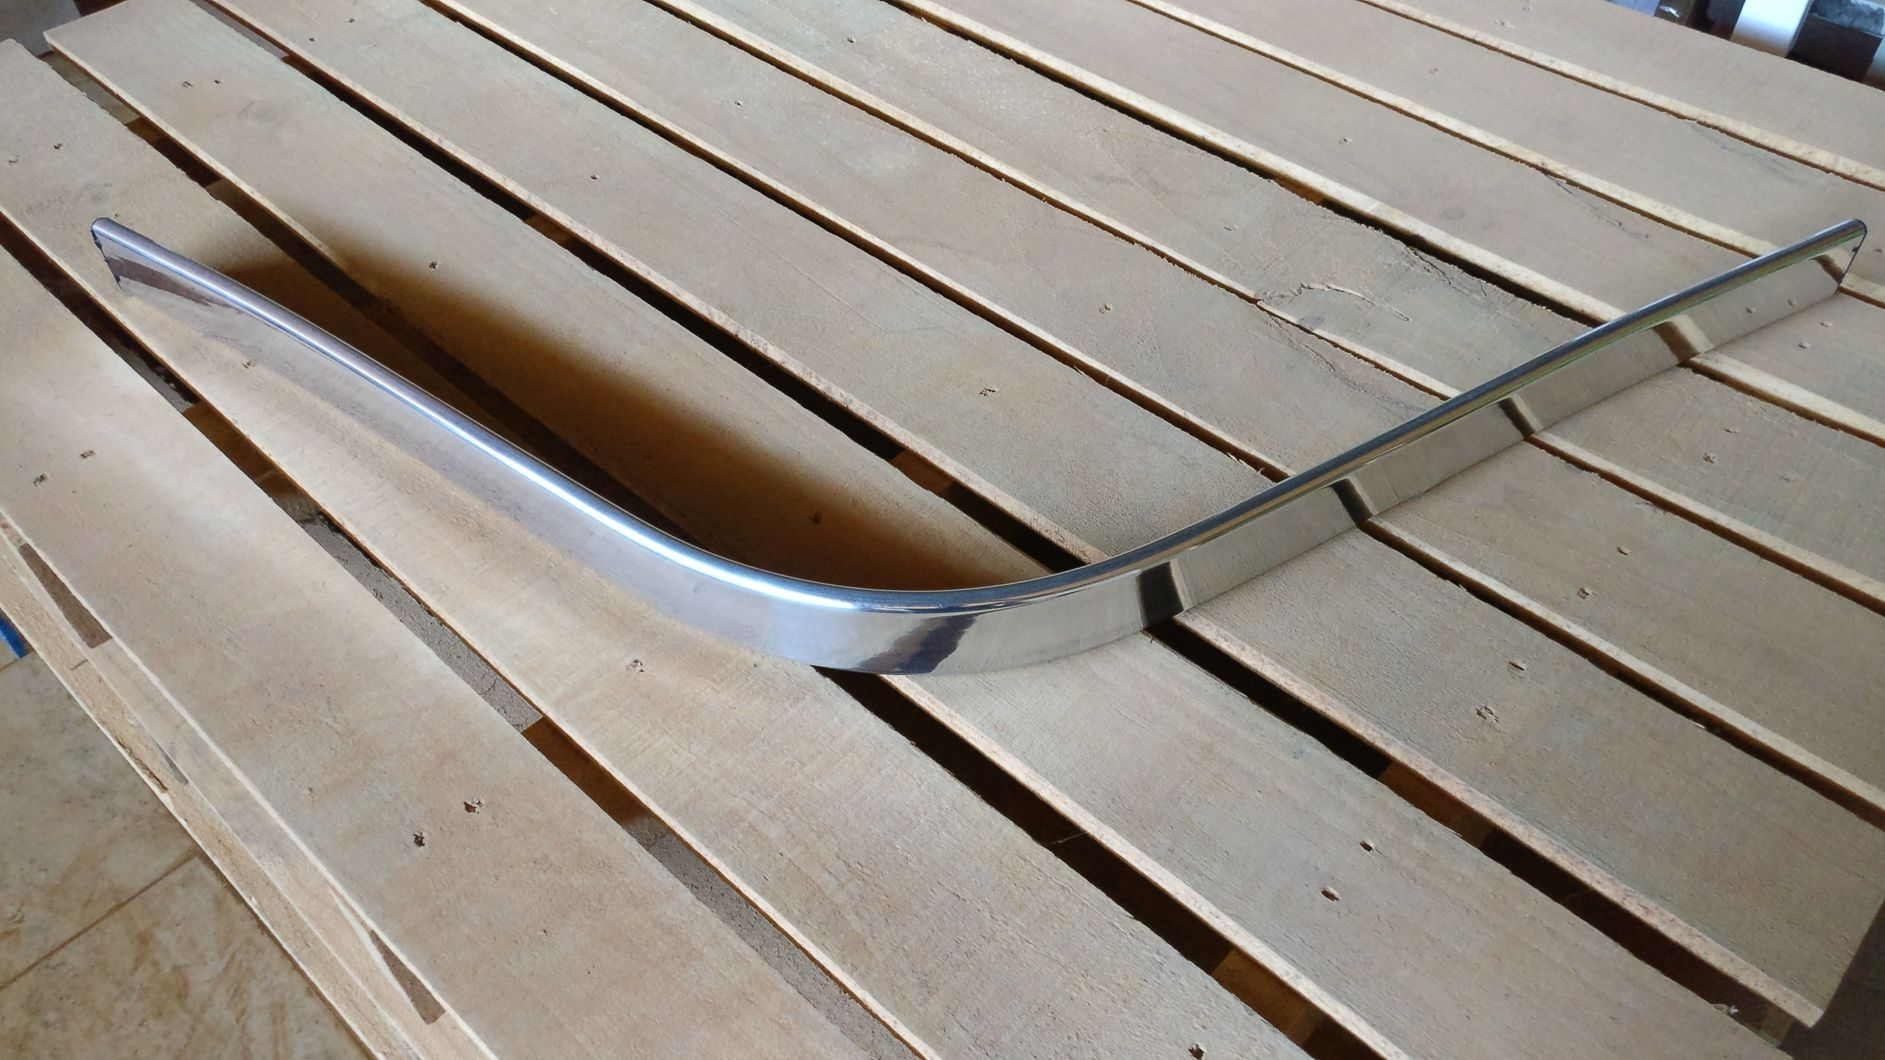 Kit 2 Par Braço em Alumínio Com Bucha Pra Cadeira Poltrona